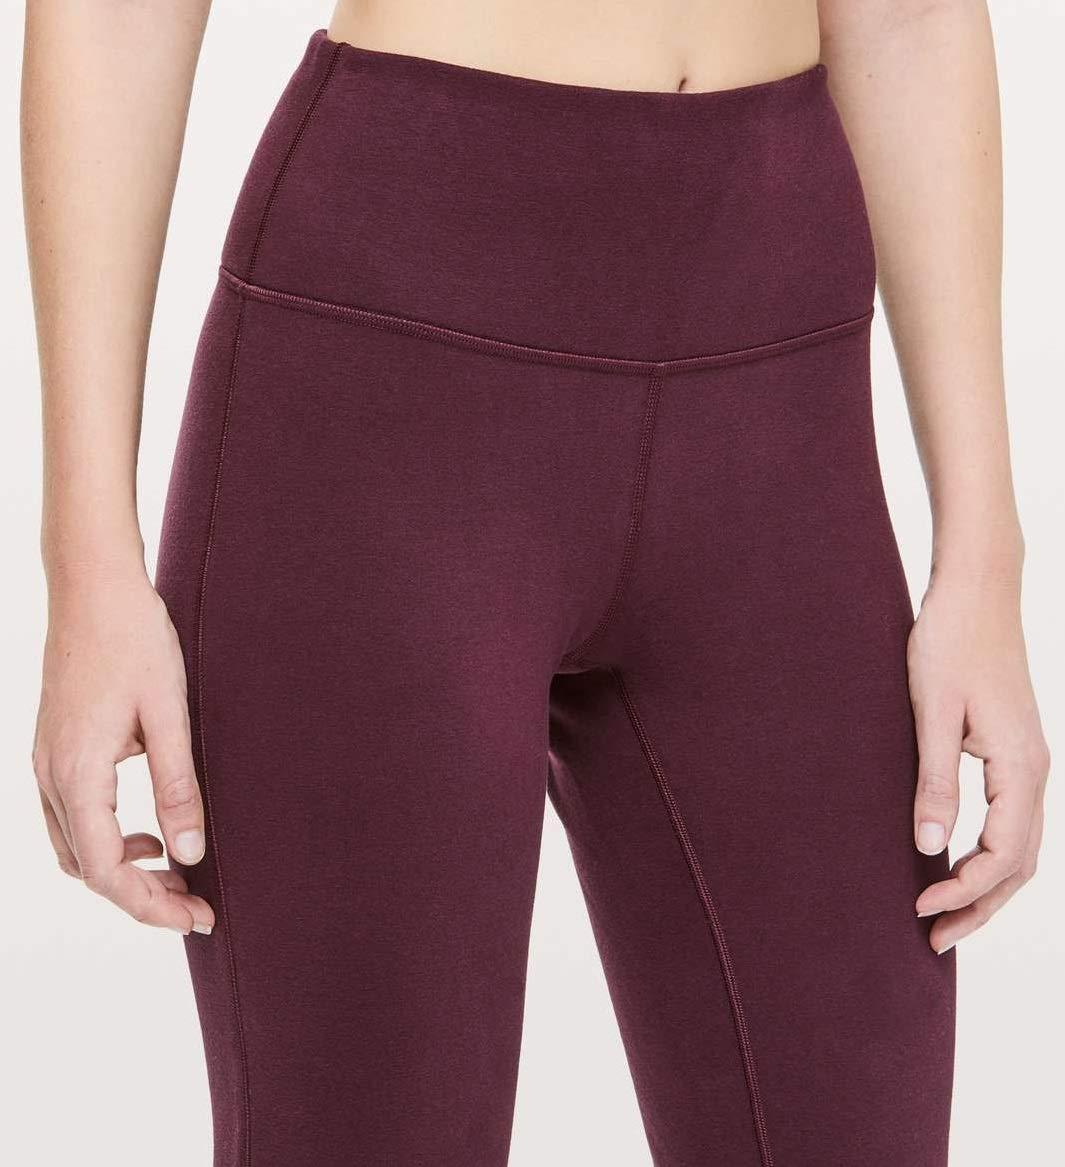 Lululemon Wunder Lounge Pants (Dark Adobe, 6) by Lululemon (Image #3)